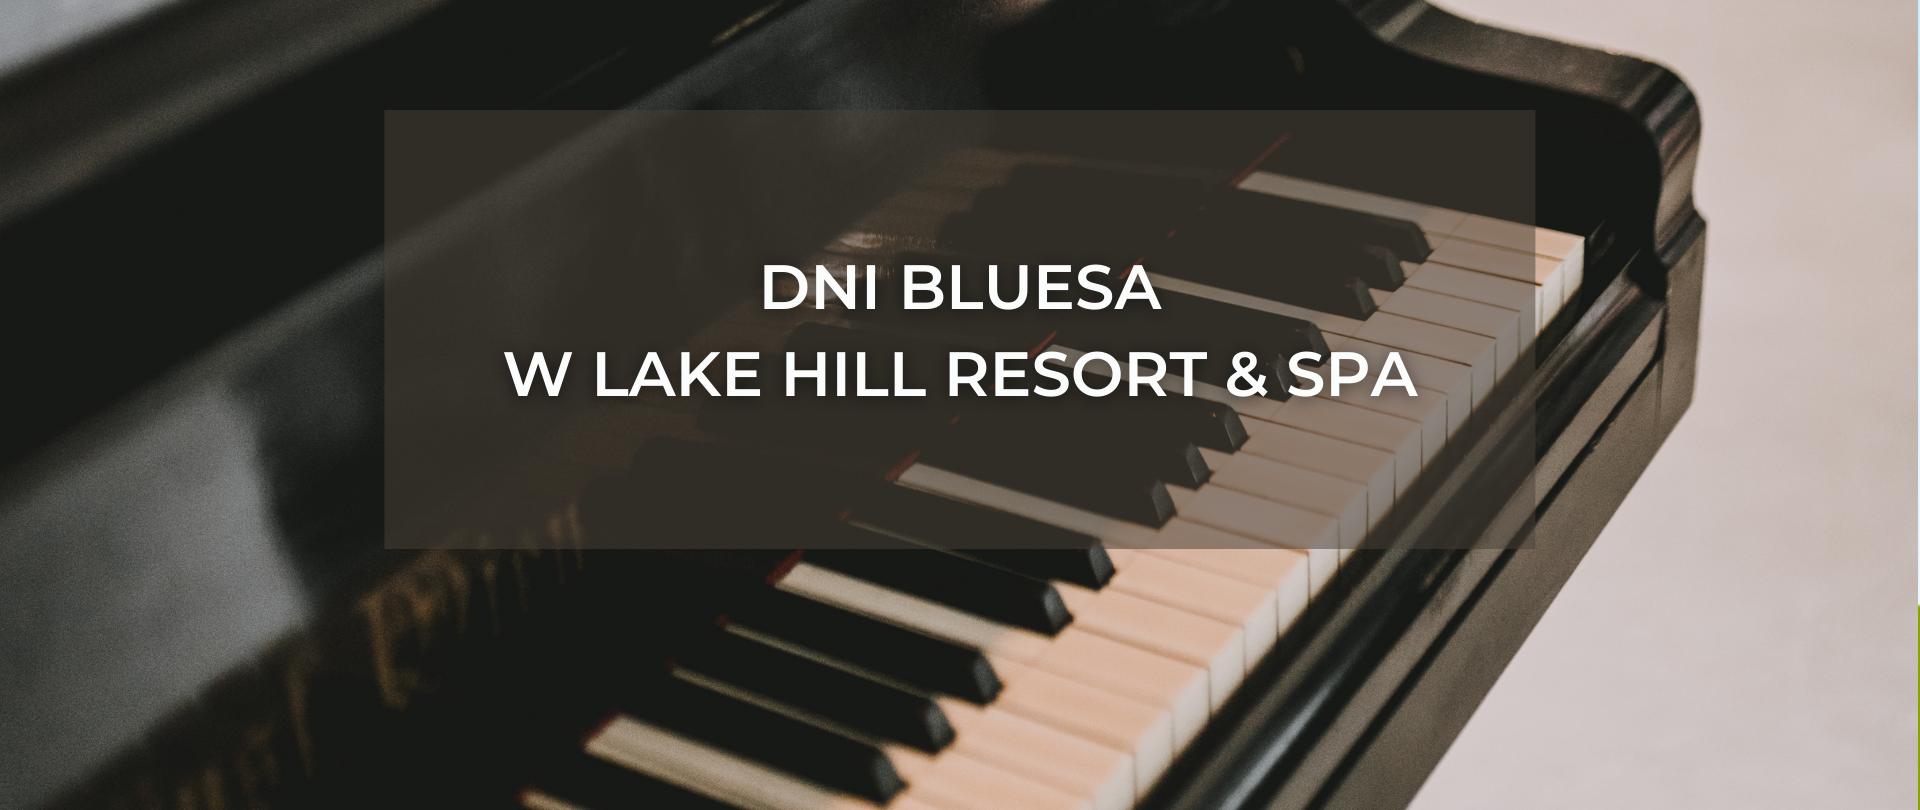 Dni Bluesa w Lake Hill Resort & SPA